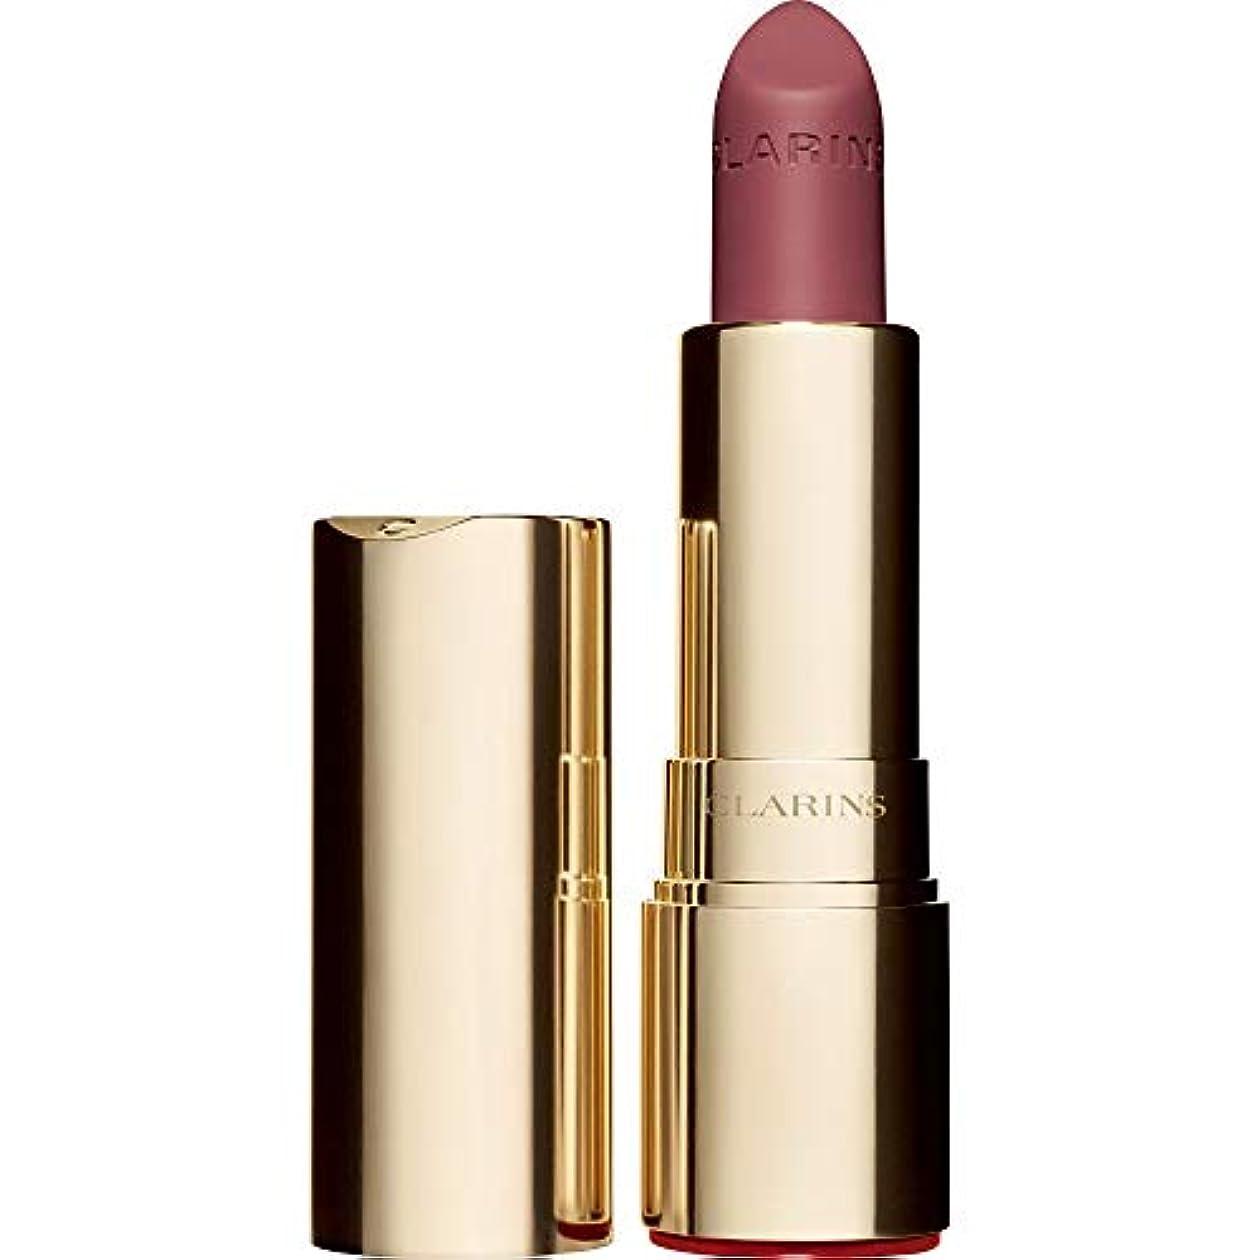 シンプトンスコットランド人ブラウズ[Clarins] クラランスジョリルージュベルベットの口紅3.5グラムの731V - ベリーローズ - Clarins Joli Rouge Velvet Lipstick 3.5g 731V - Rose Berry...